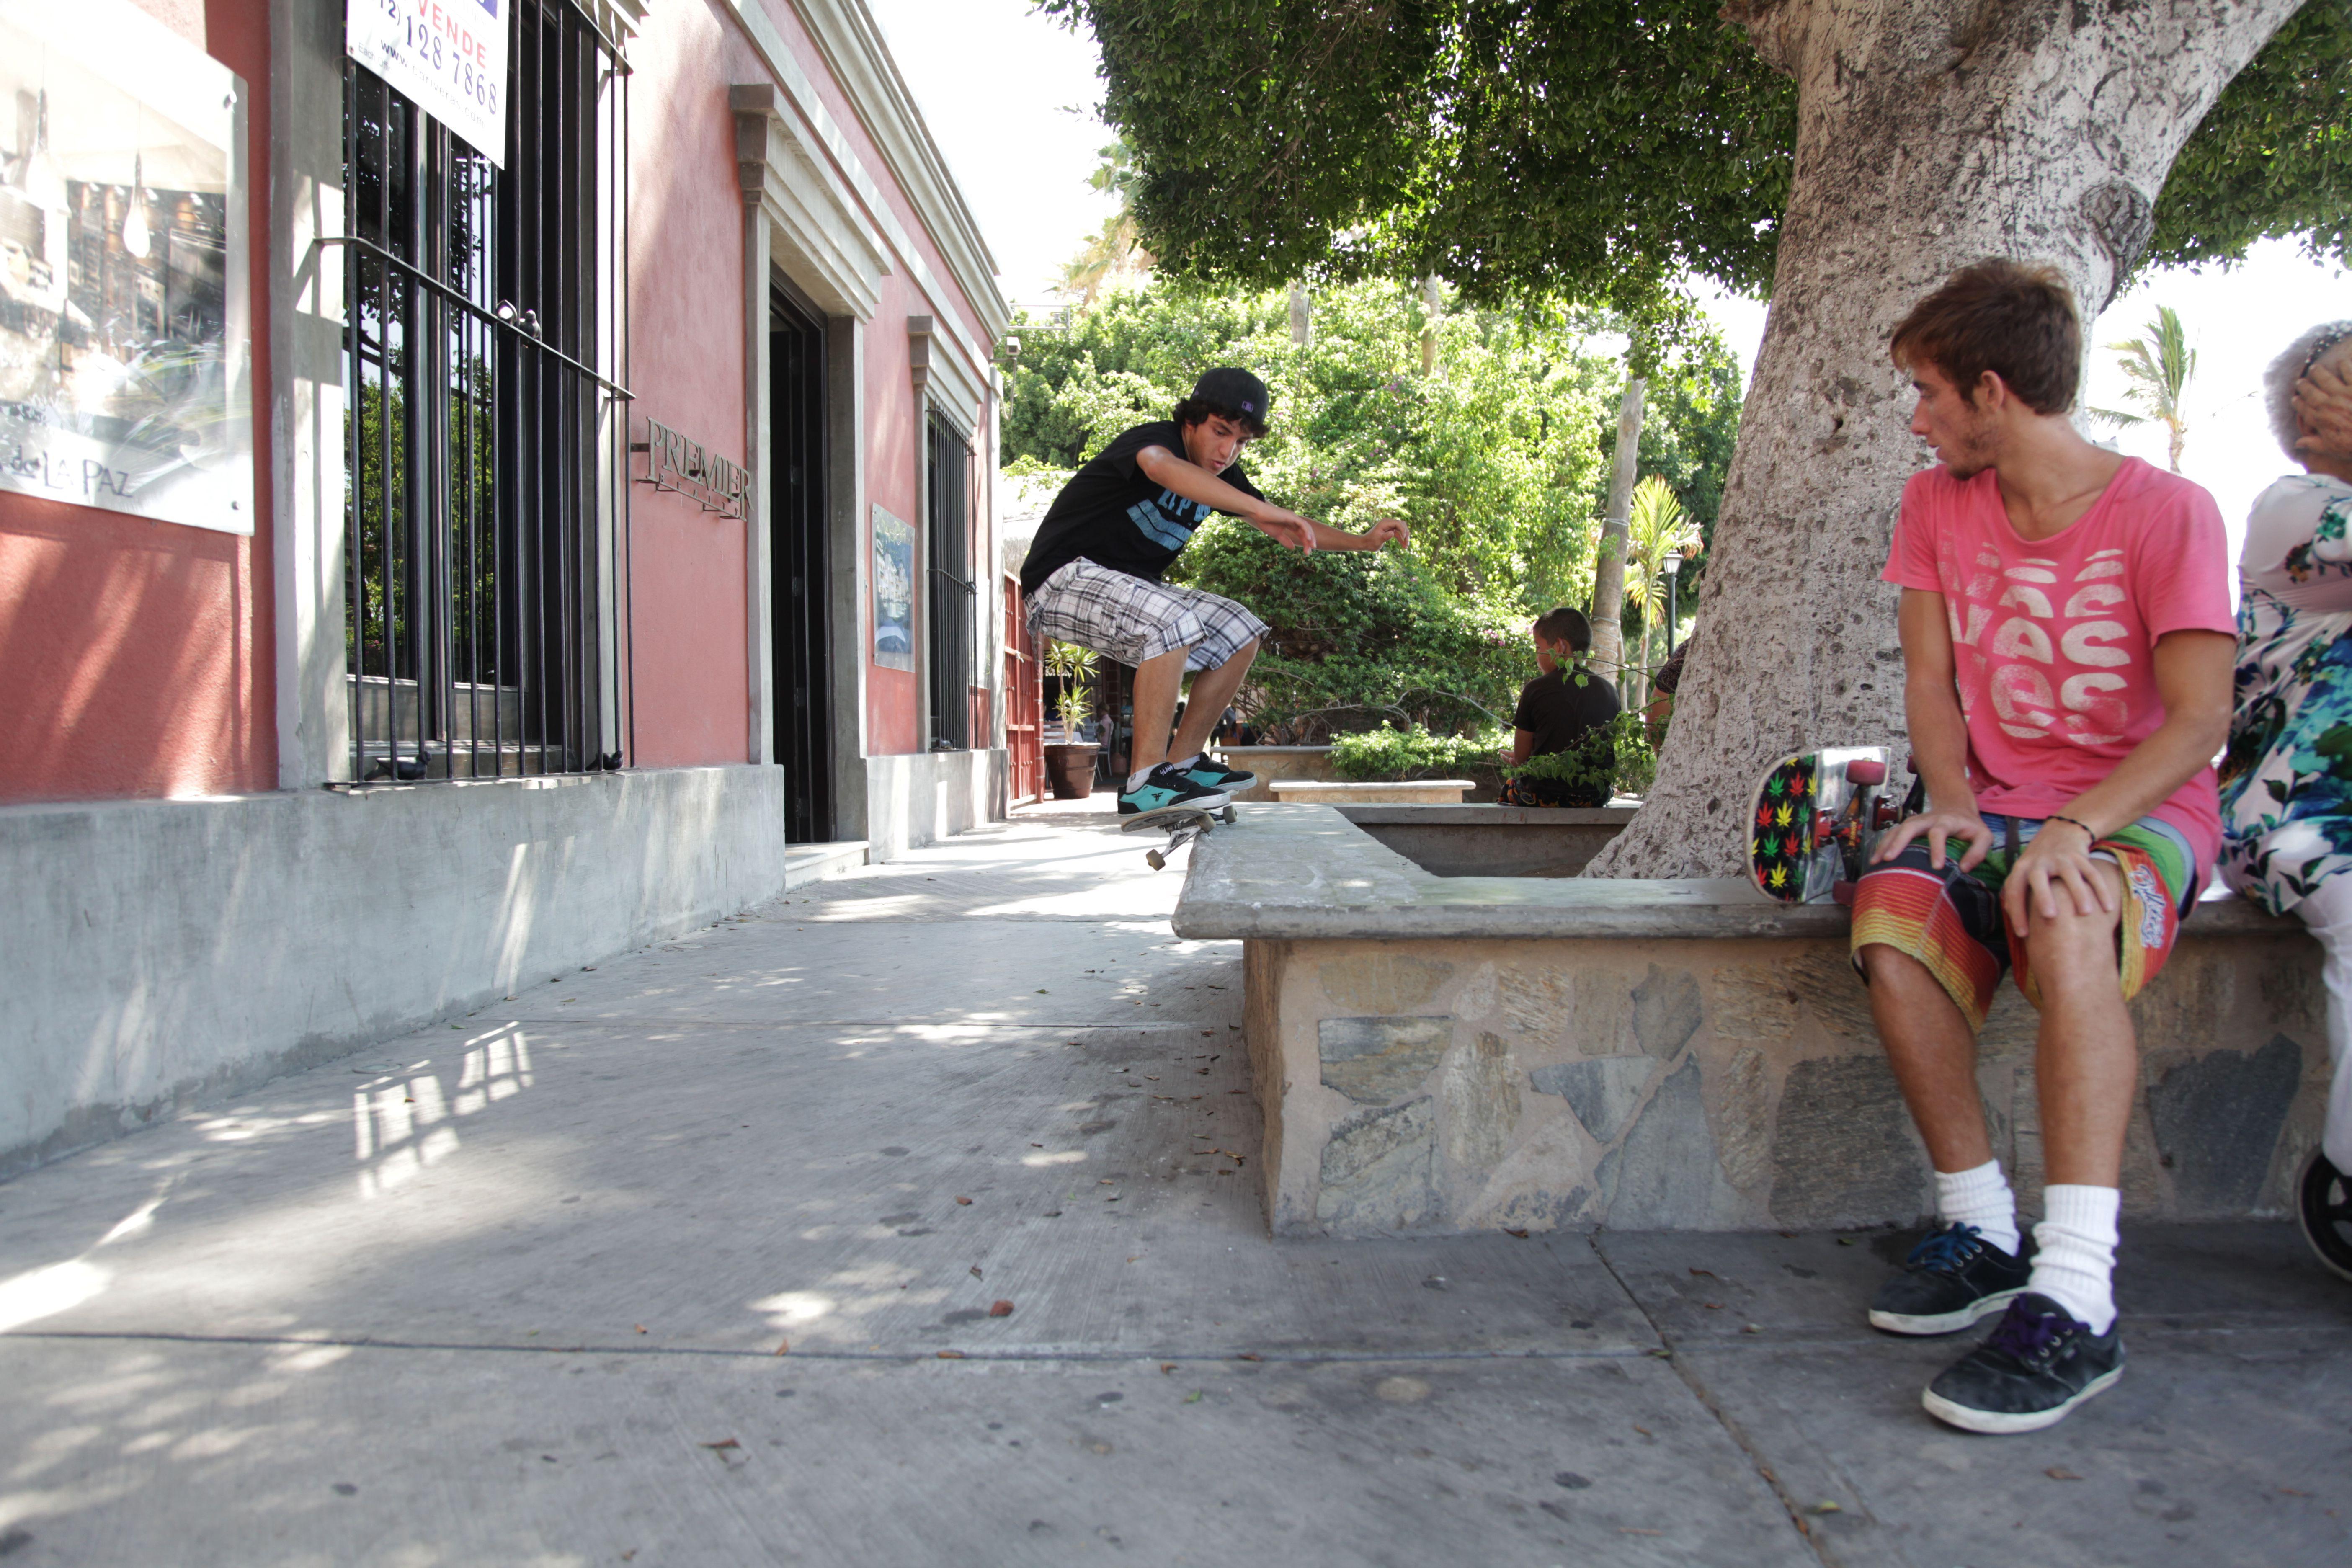 Urban Skateboarders